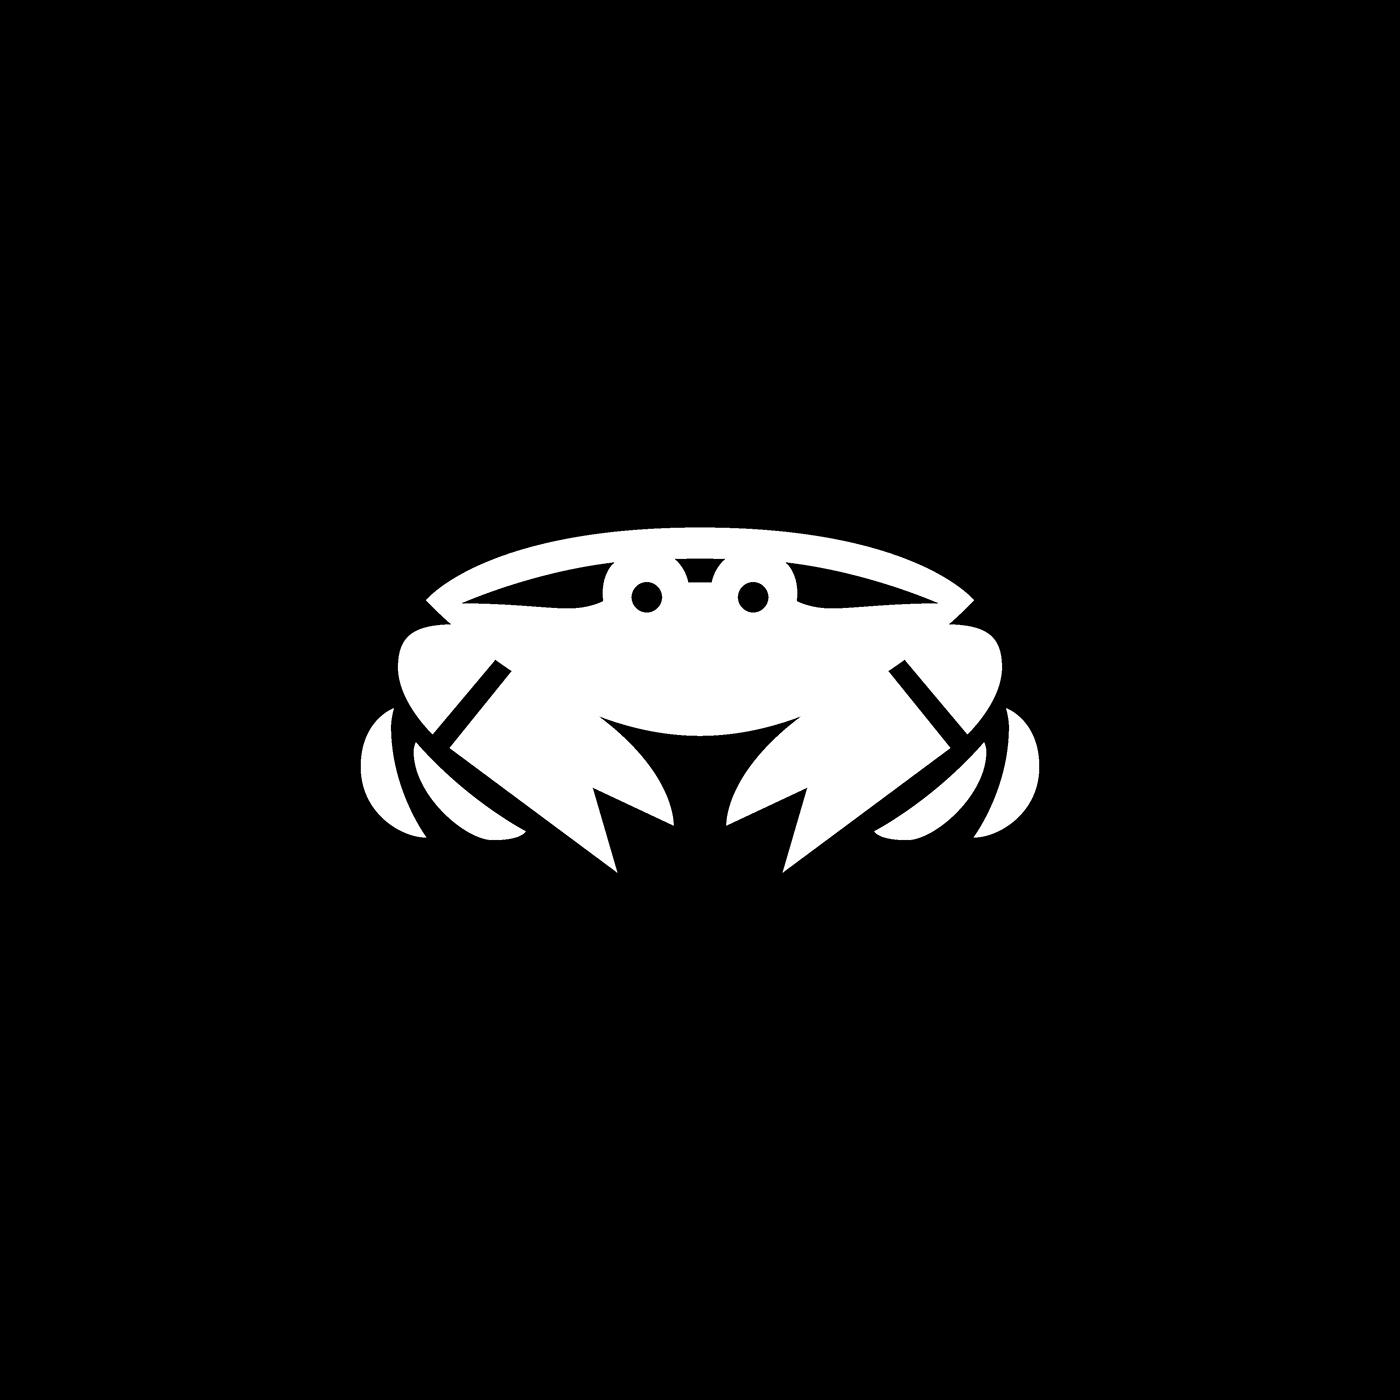 restaurant logo Seafood Logo  Seafood Restaurant crab logo